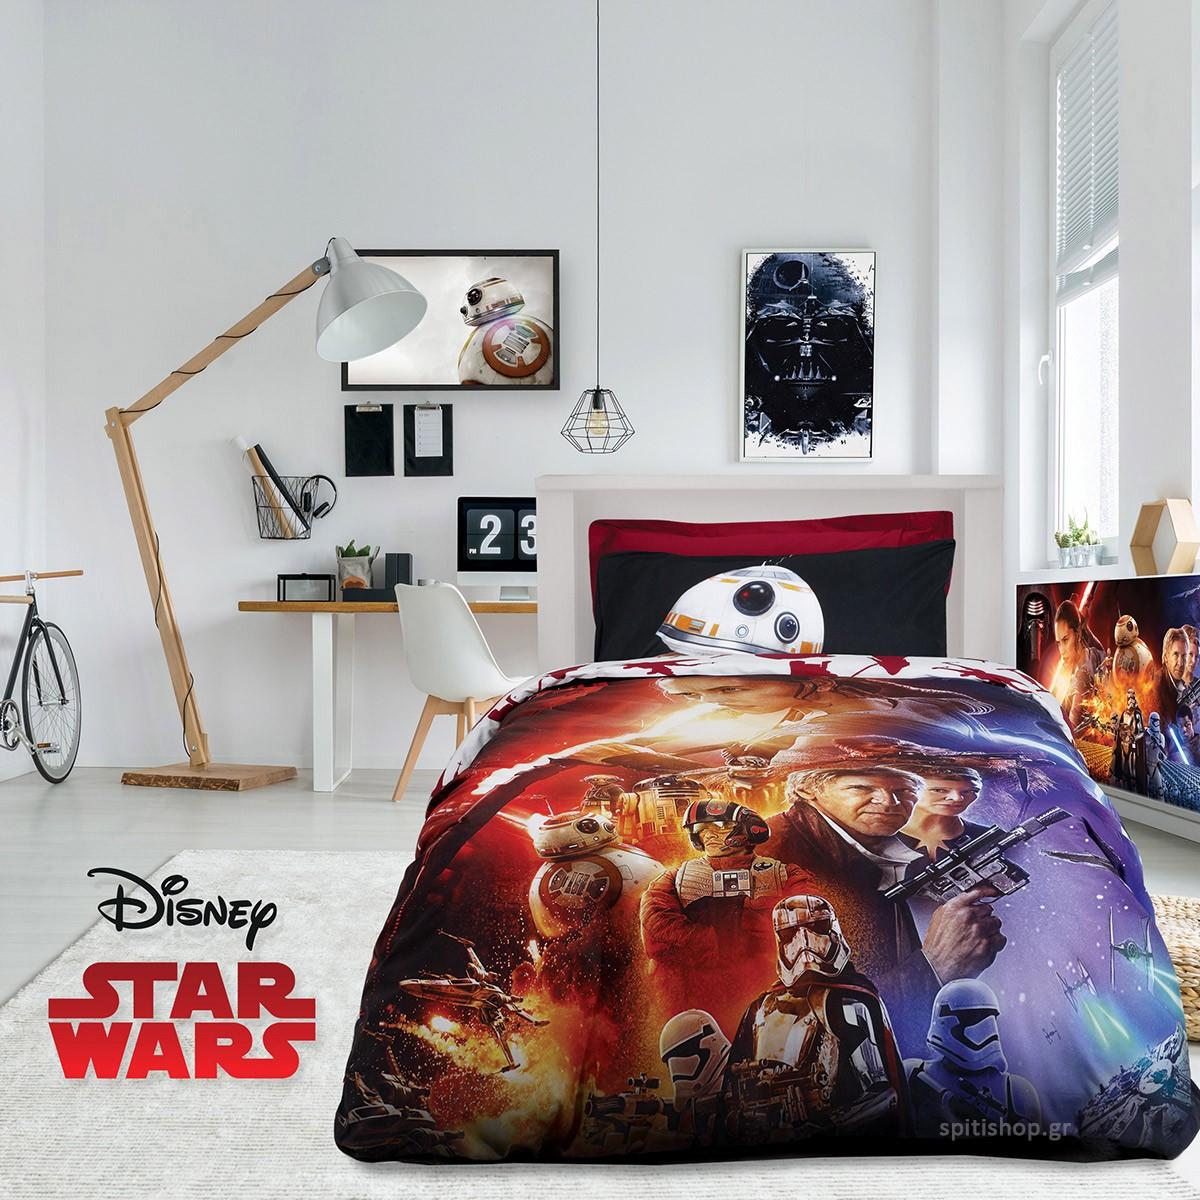 Κουβερλί Μονό (Σετ) Das Home Star Wars 5007